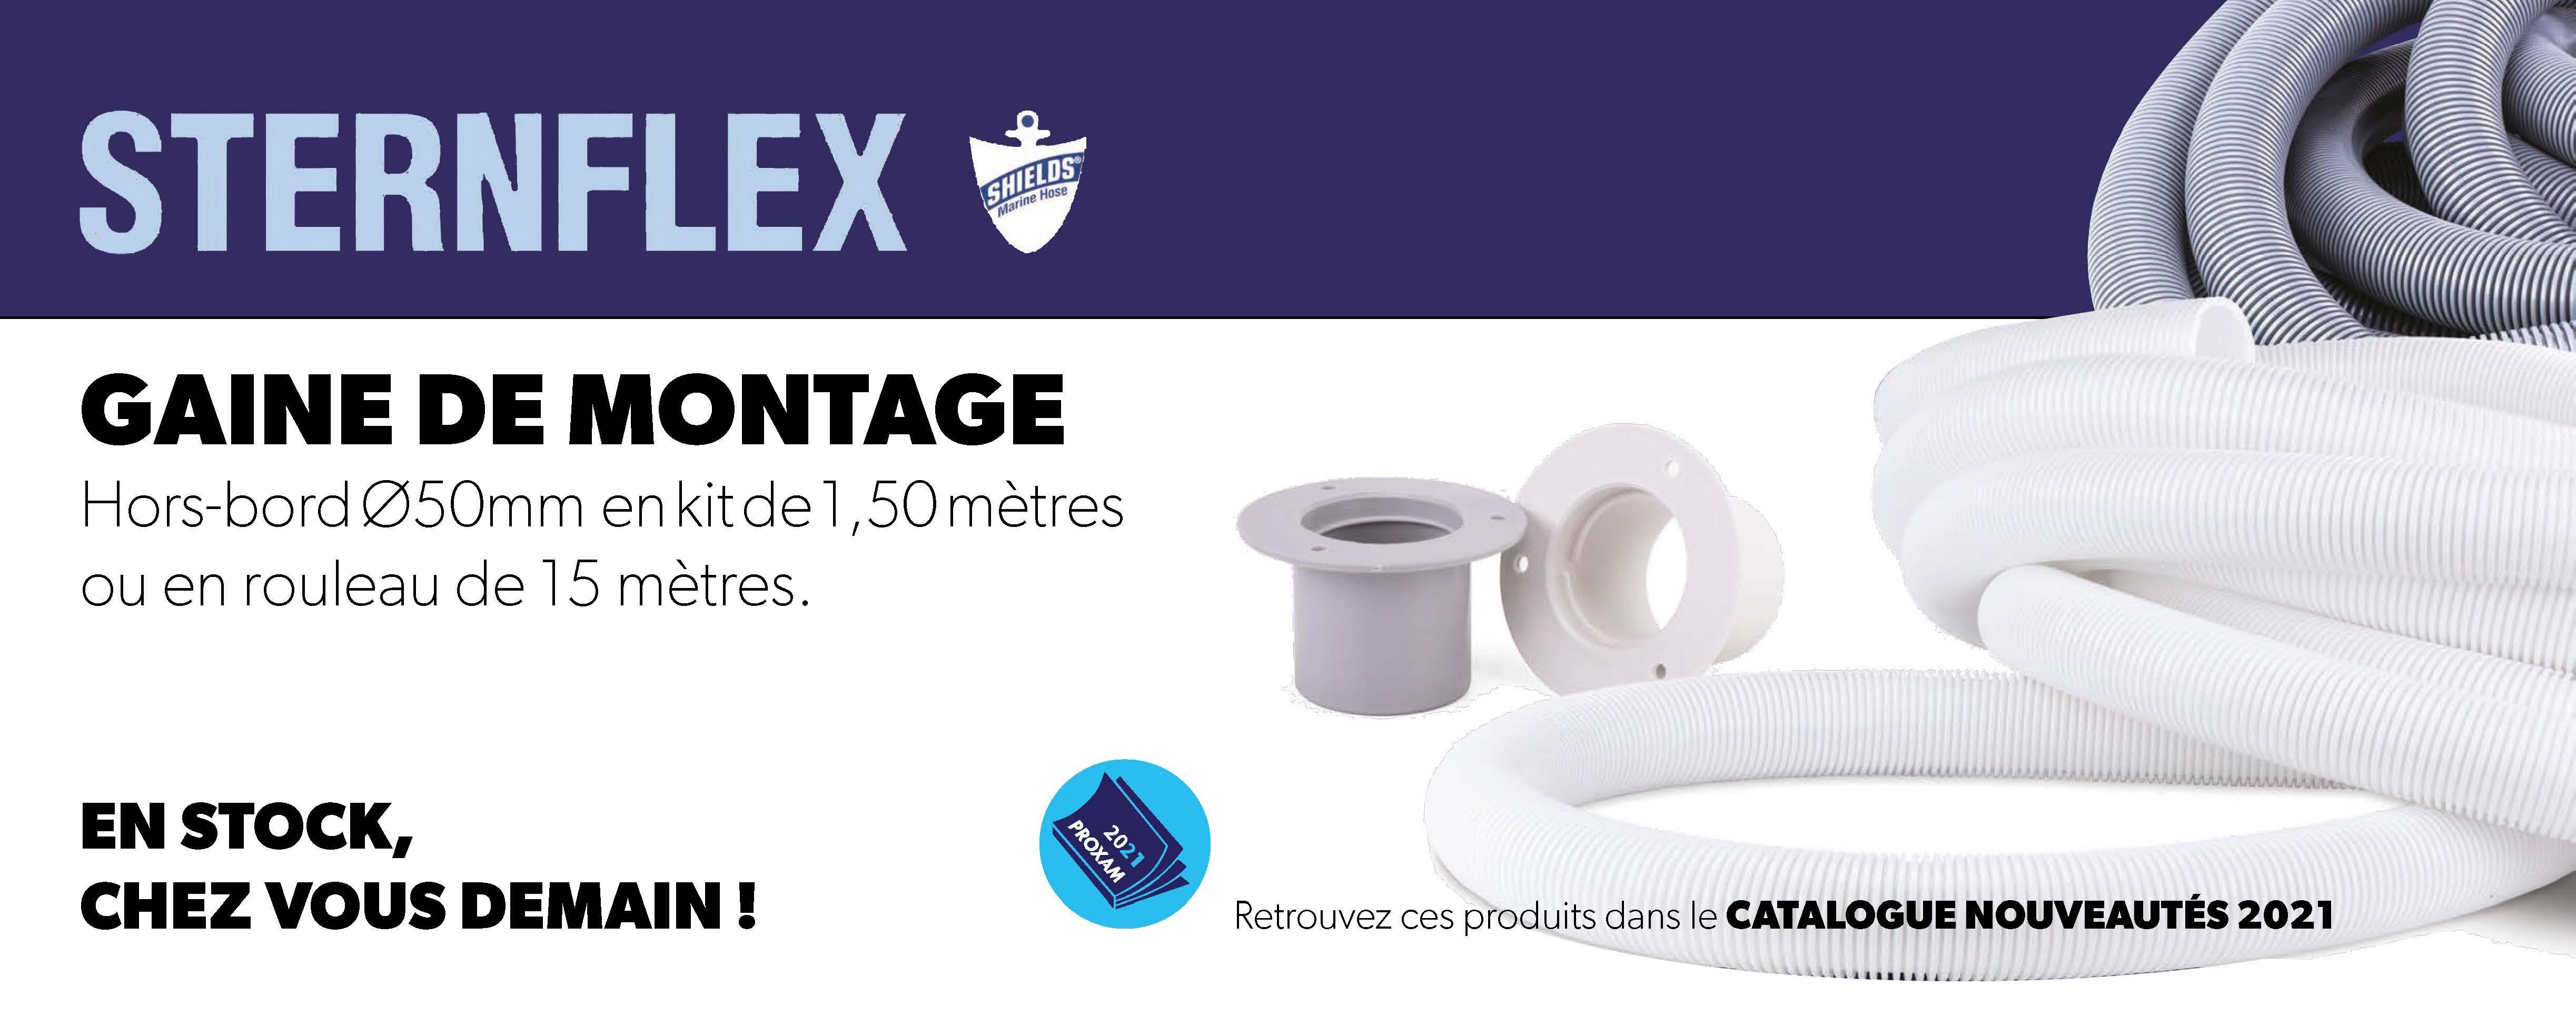 Sterflex